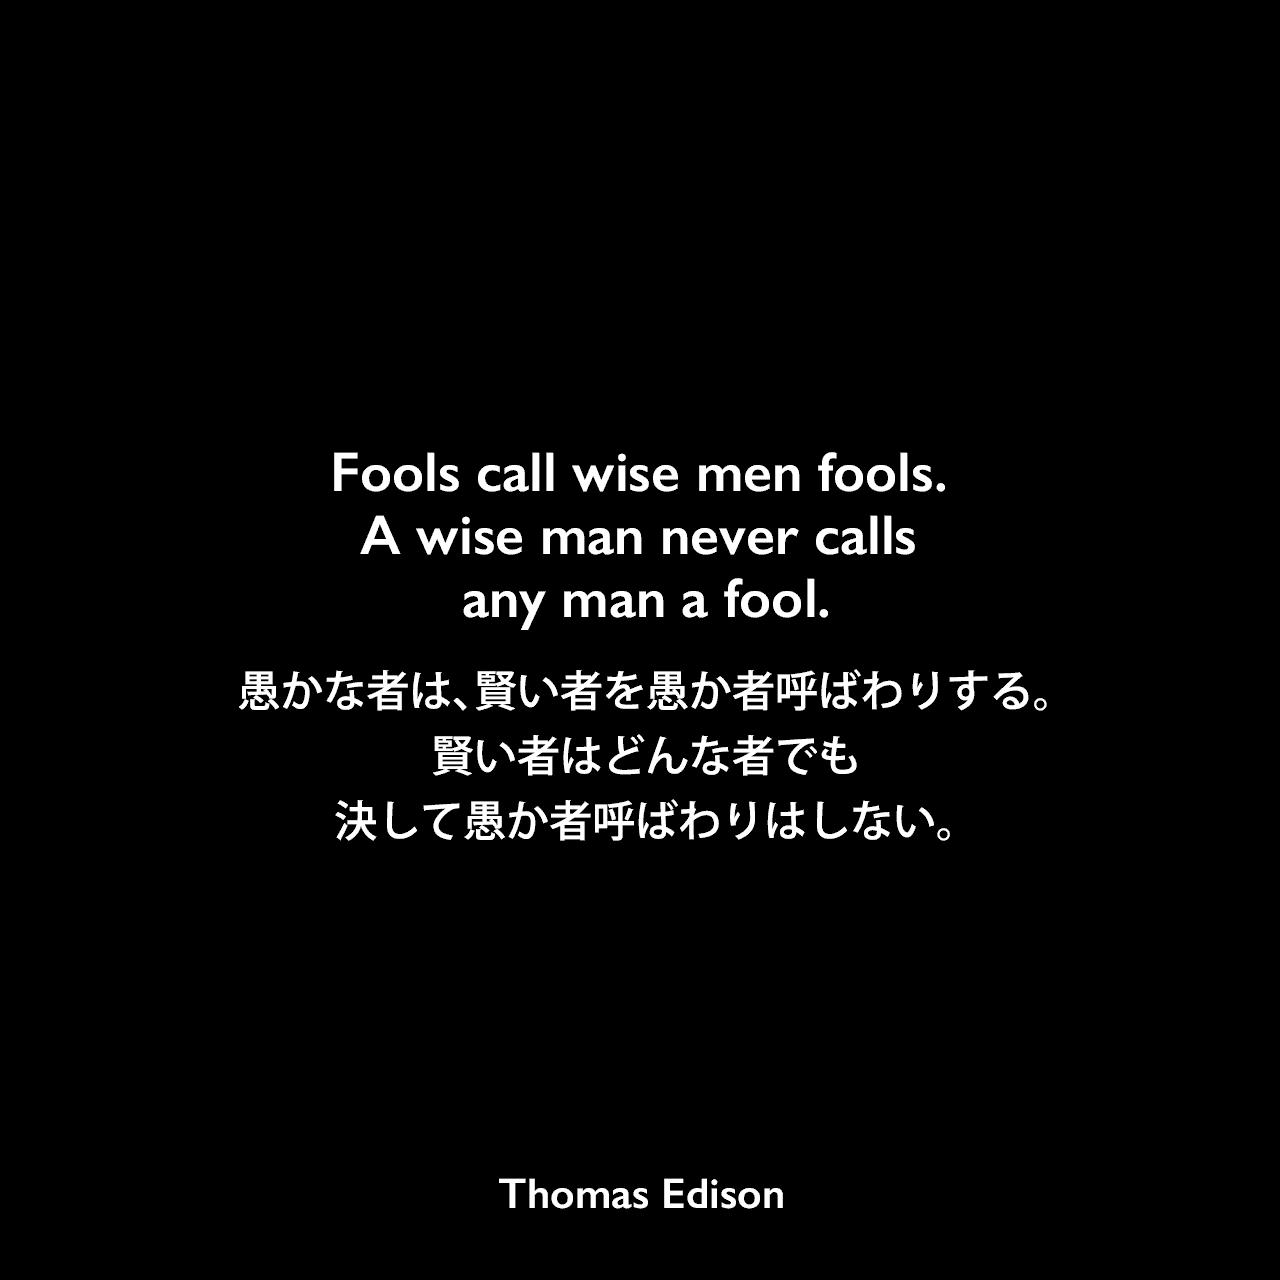 Fools call wise men fools. A wise man never calls any man a fool.愚かな者は、賢い者を愚か者呼ばわりする。賢い者はどんな者でも、決して愚か者呼ばわりはしない。- Edison Innovation Foundationよりエジソンの言葉として引用Thomas Edison